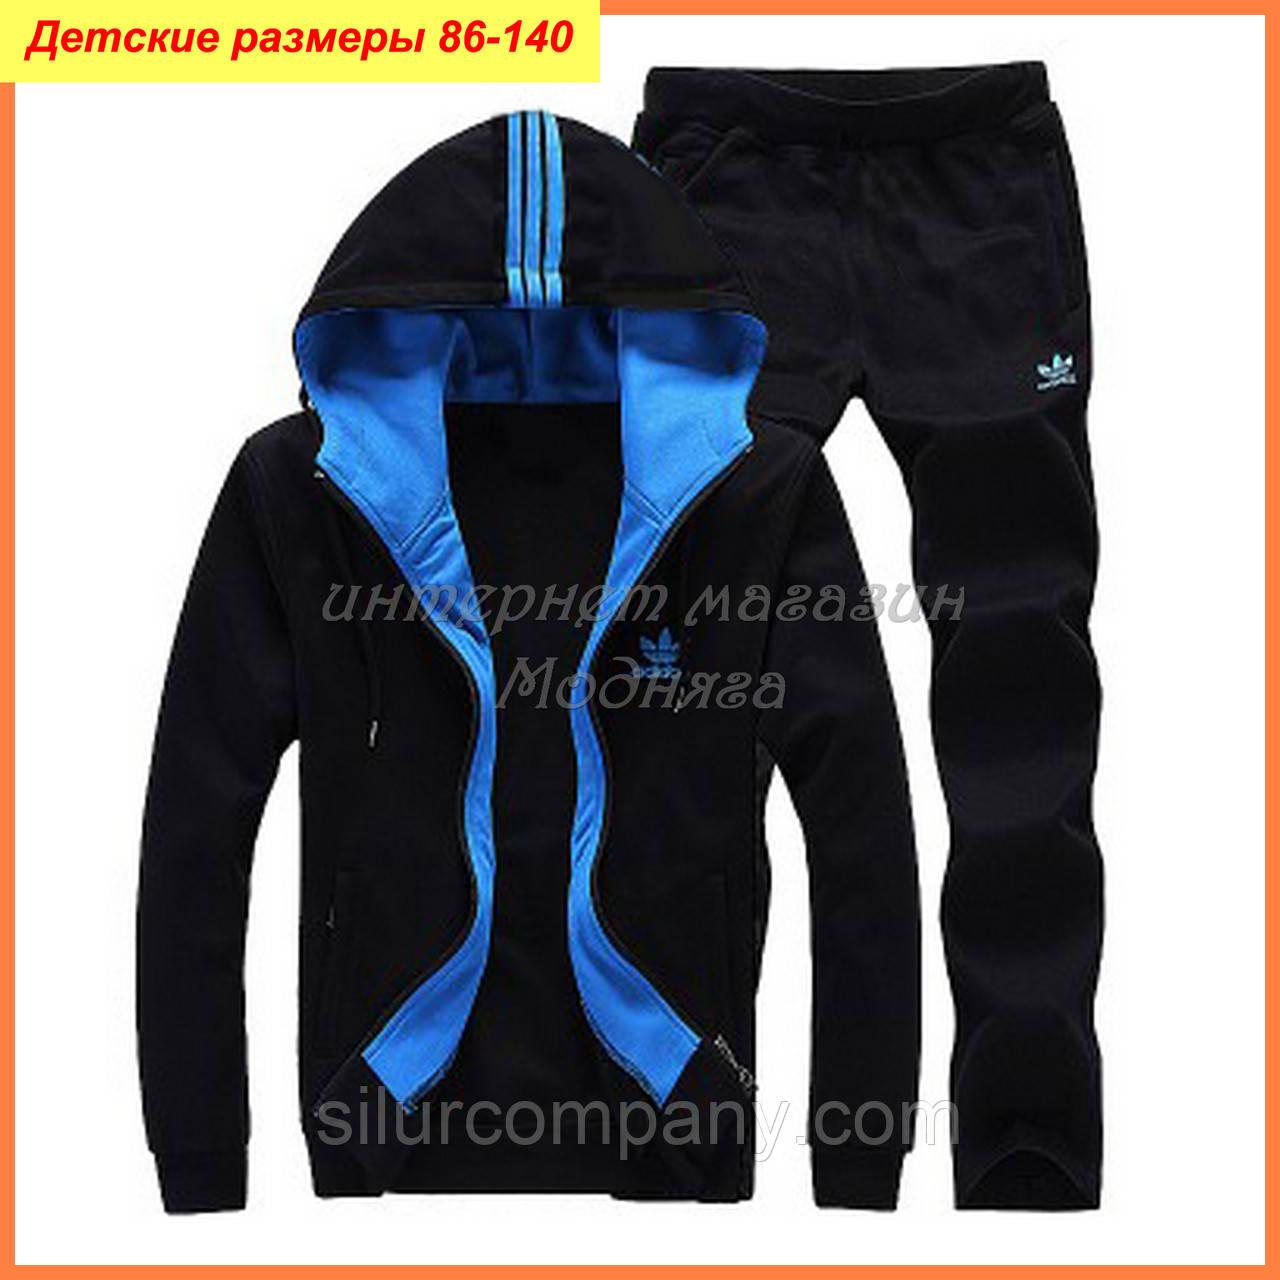 93ce714d Спортивный костюм детский интернет-магазин - Интернет магазин